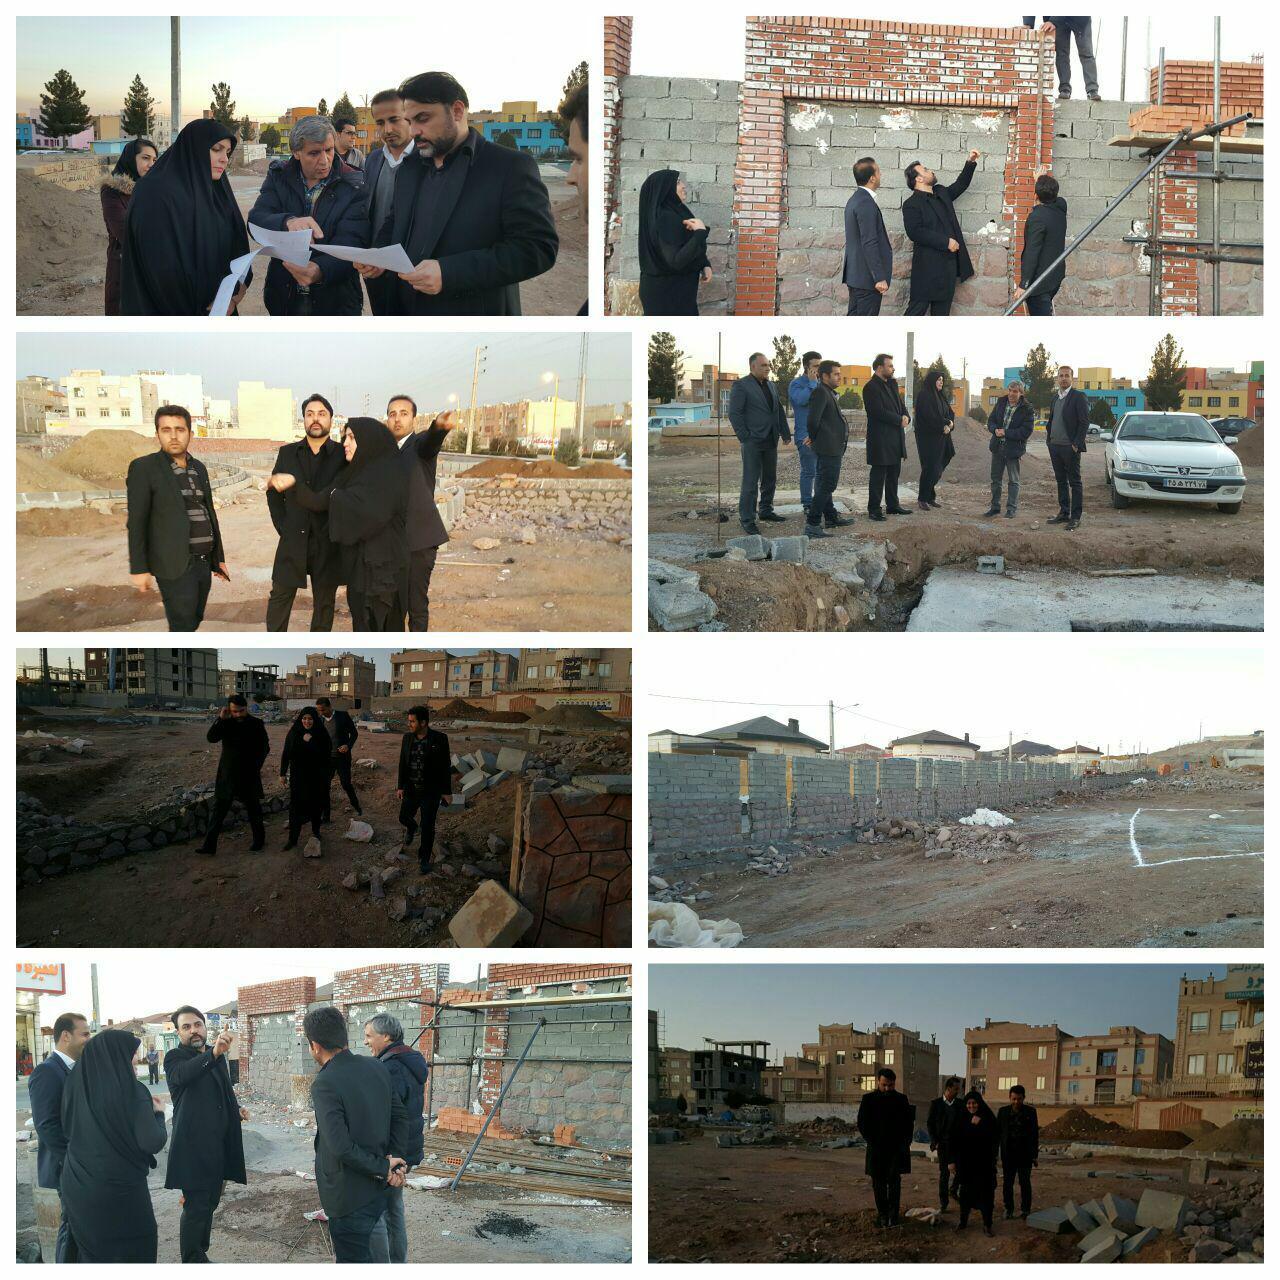 پیشرفت قابل توجه عملیات احداث بوستان بانوان/بازدید شهردار و رئیس شورای شهر پرند از پروژه های عمرانی